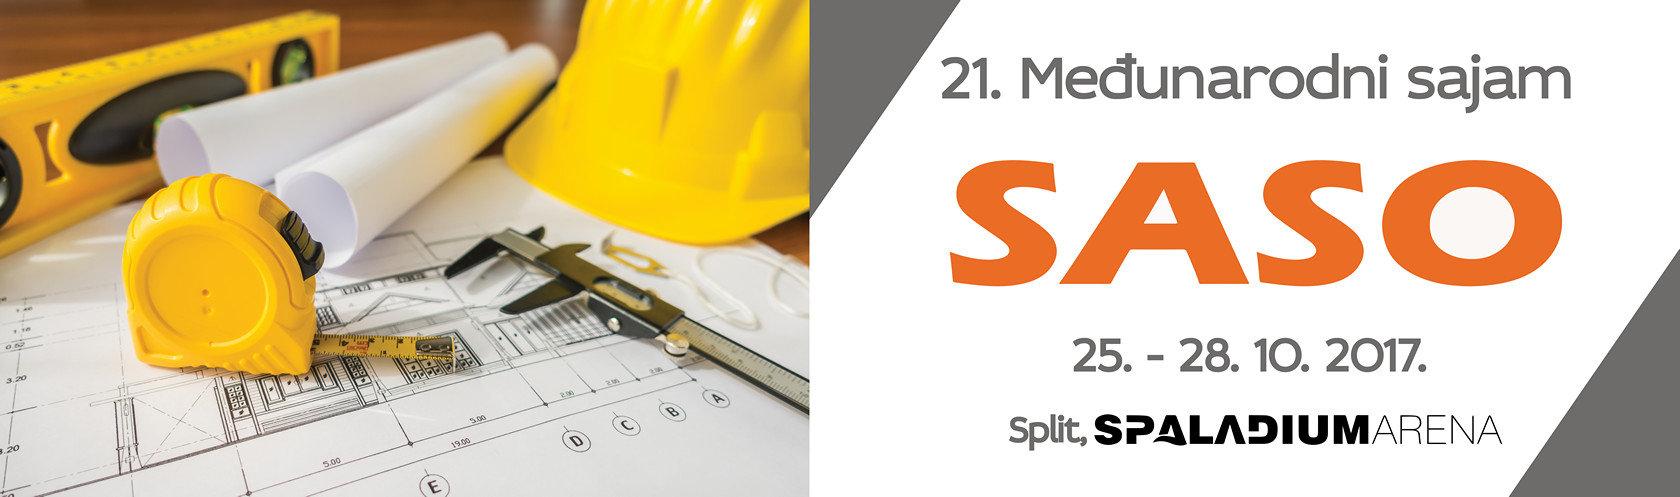 Saso 2017, Dobri poslovi u Splitu